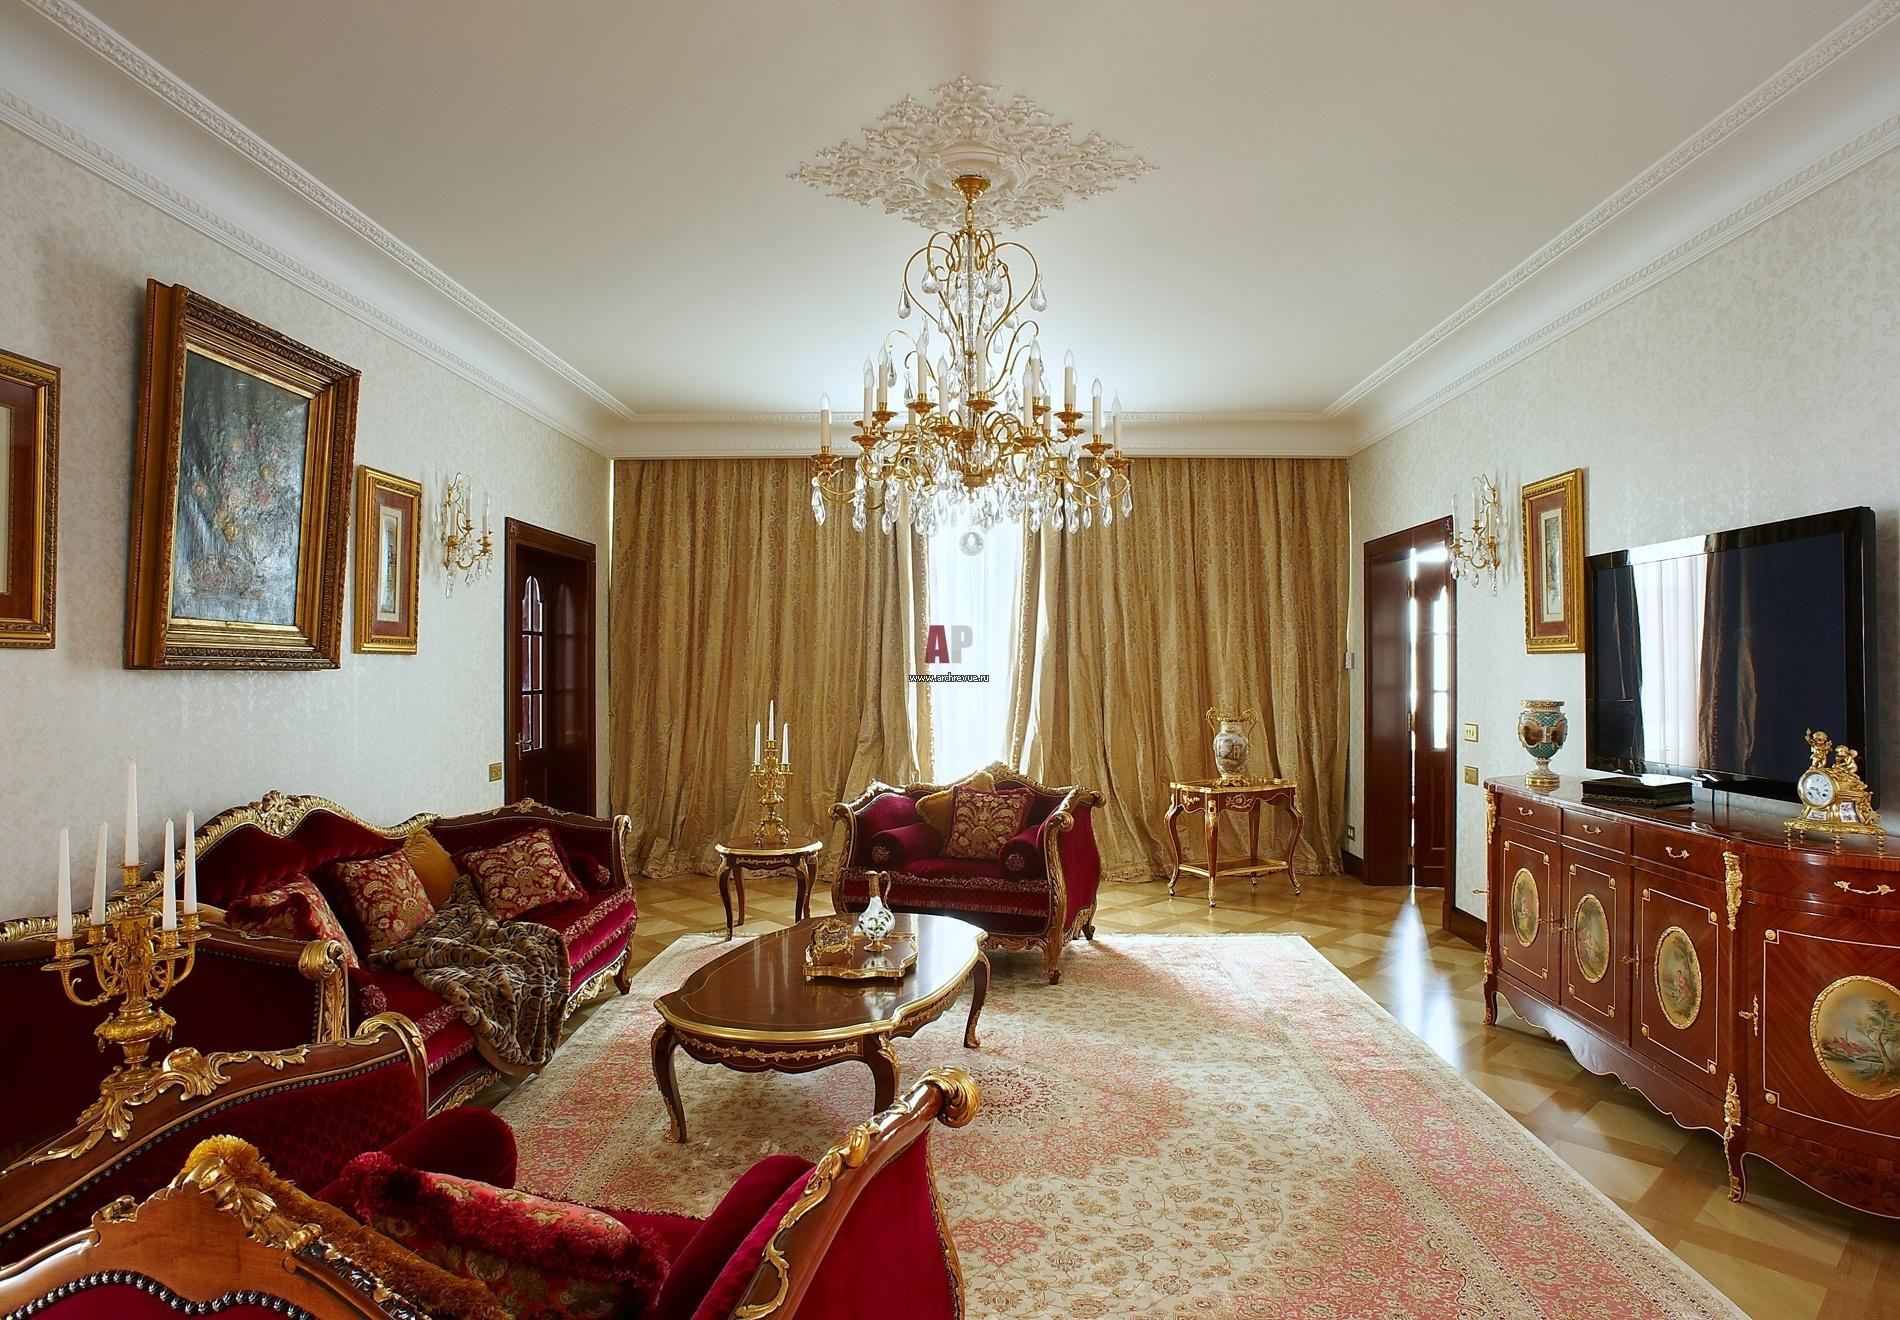 Цвет текстиля в шторах и мебельной оббивке должен гармонично сочетаться с цветовой гаммой отделки помещения и тоном мебели.